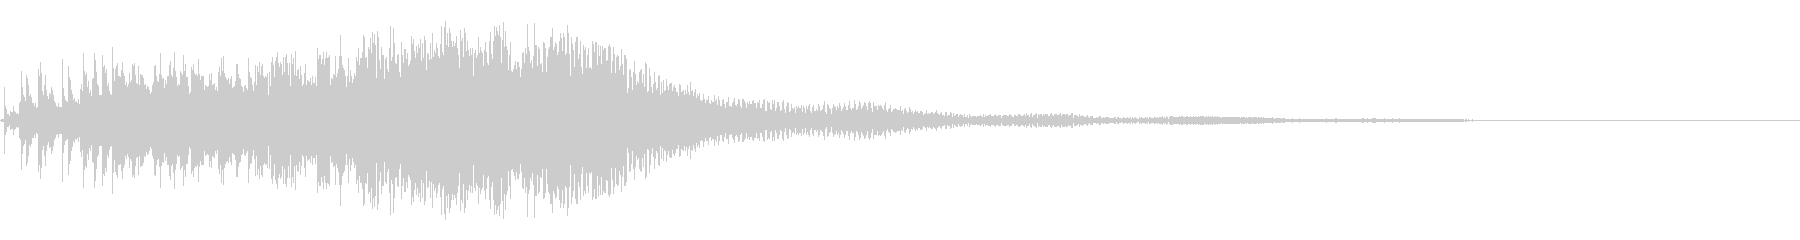 スピニングマジカルトリルの未再生の波形